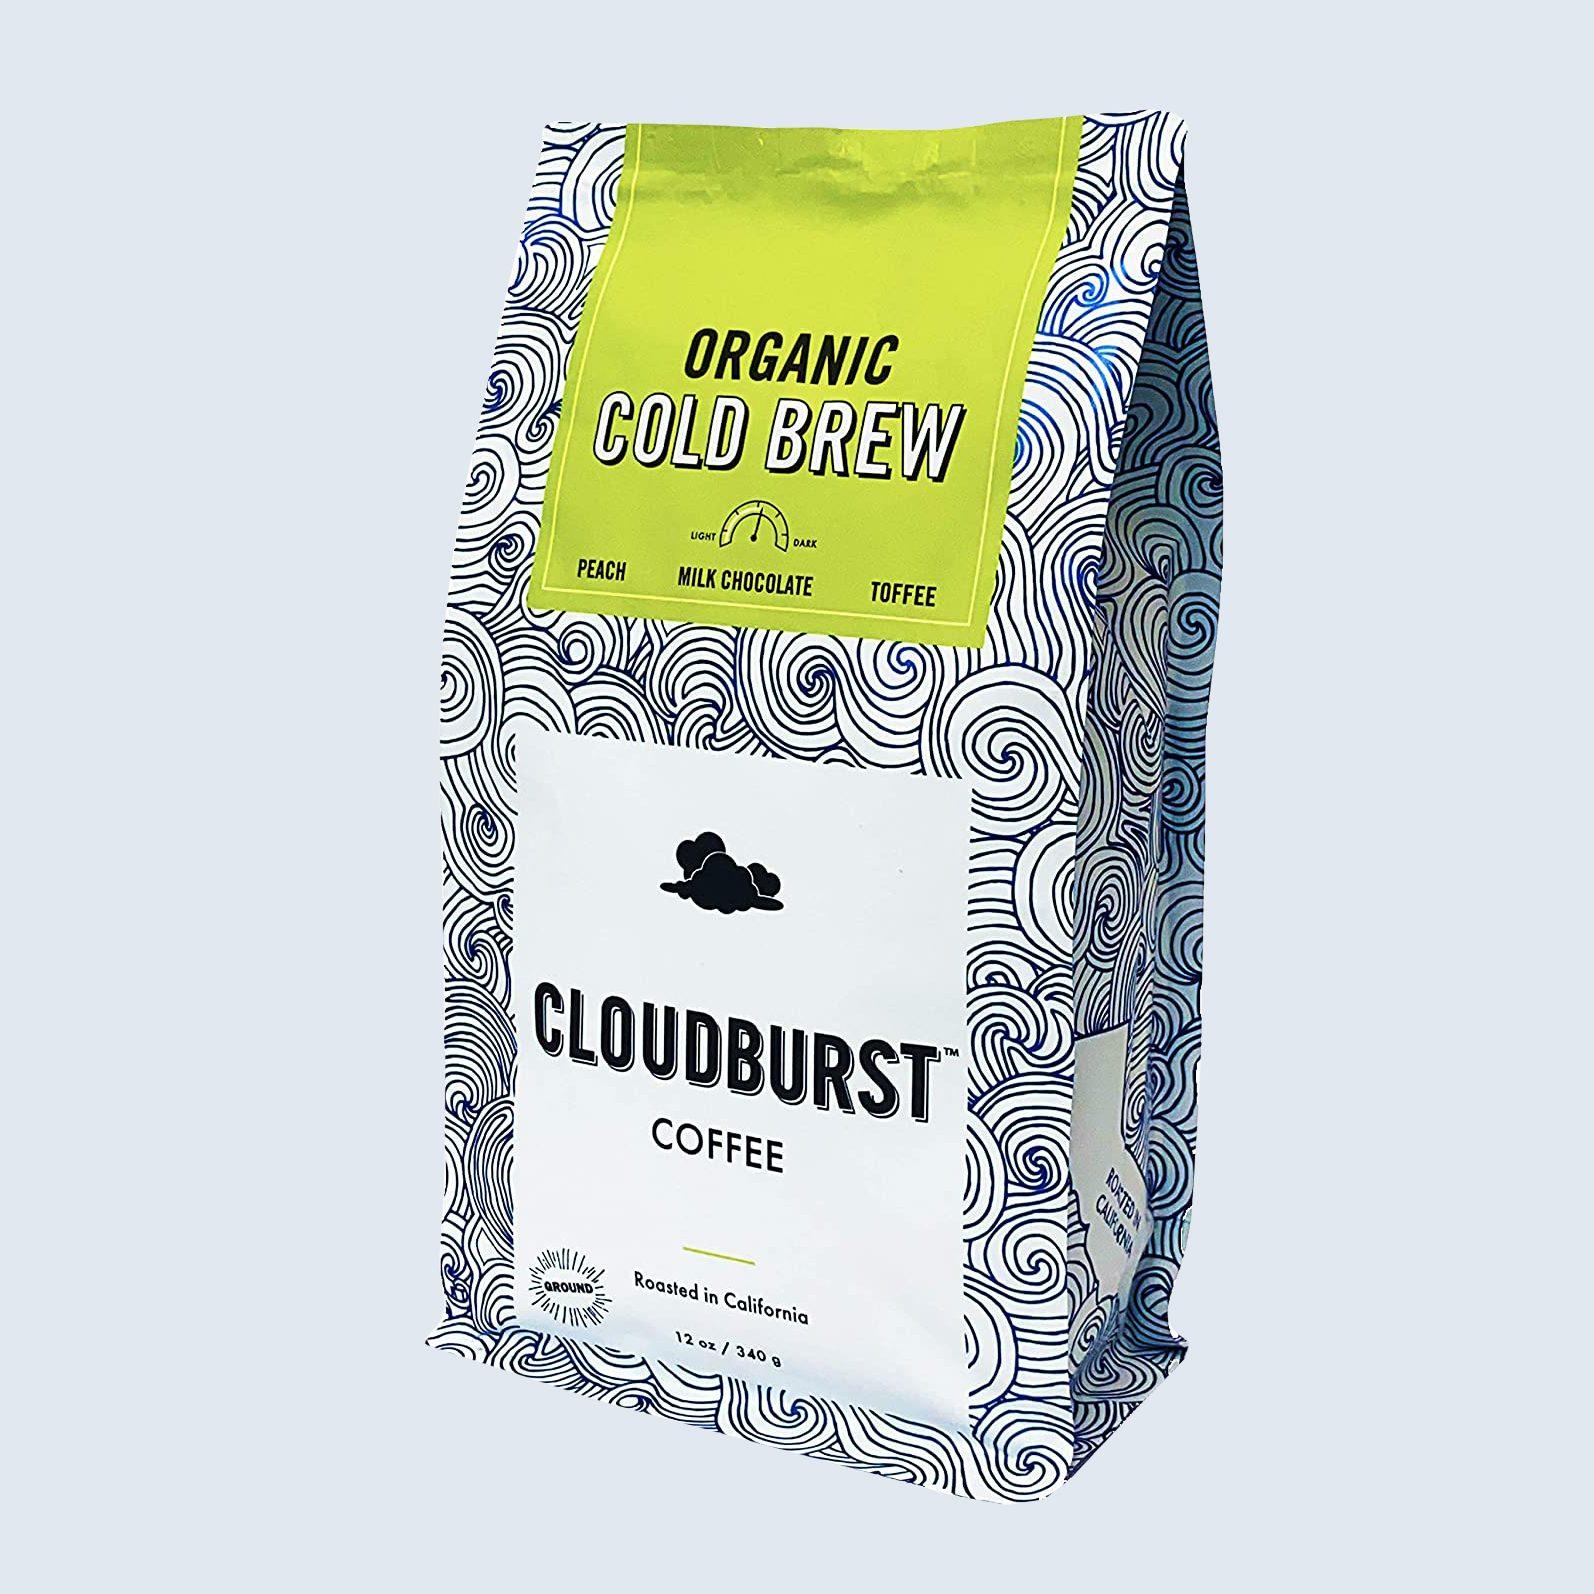 Cloudburst Coffee